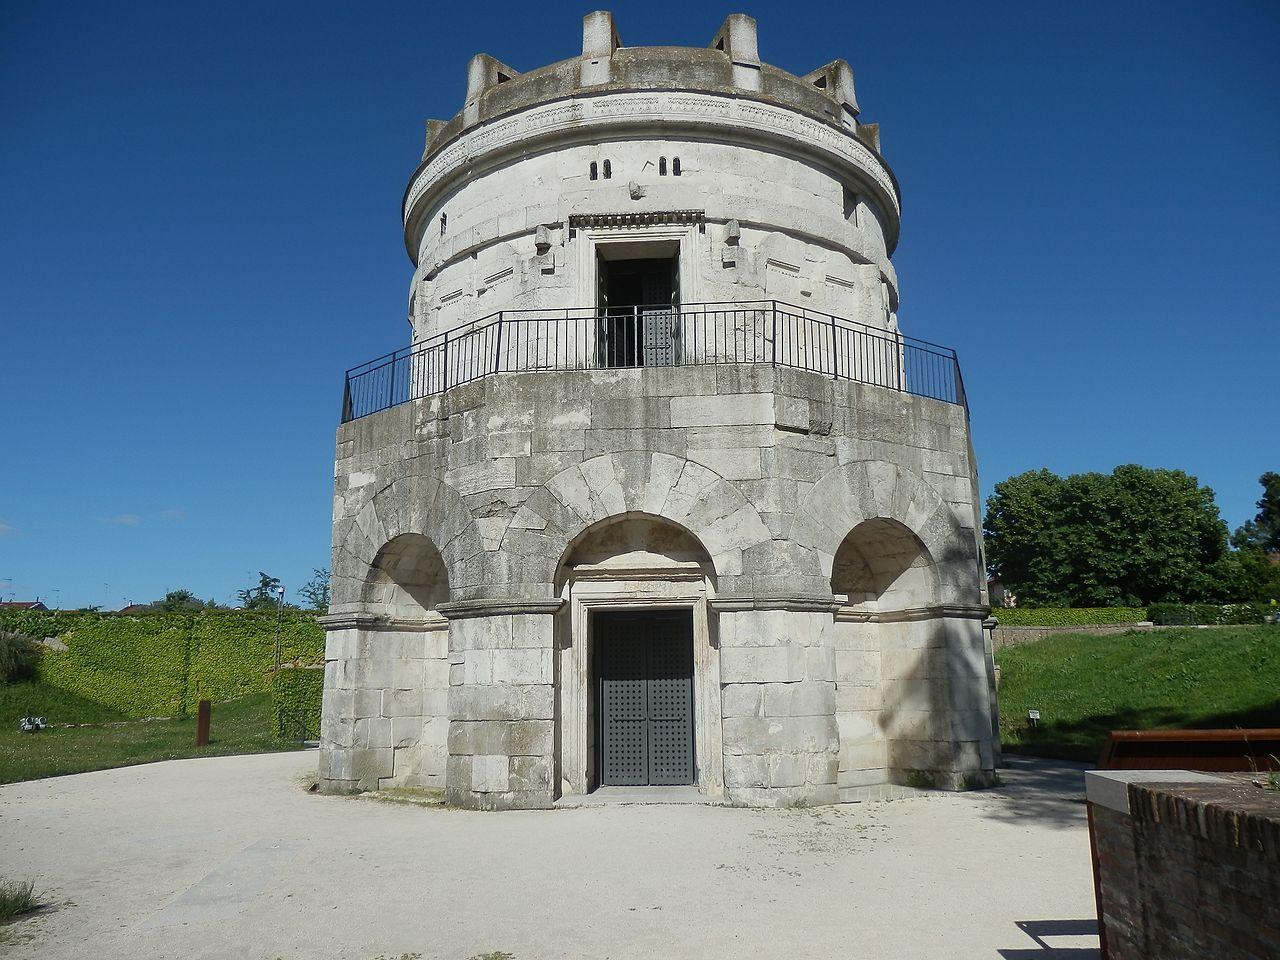 Il mausoleo di Teodorico a Ravenna